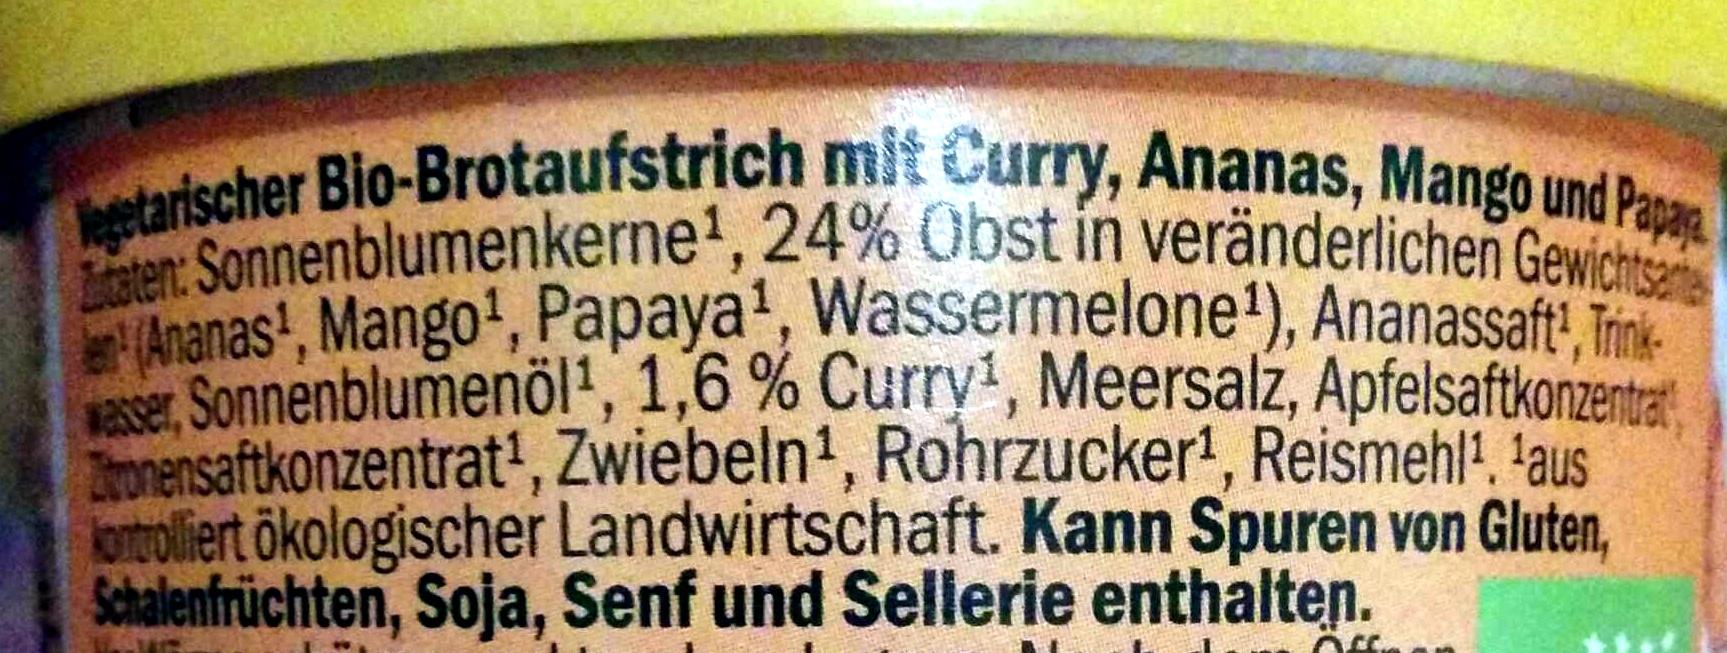 Vegetarischer Brotaufstrich Curry-Tropic - Ingredients